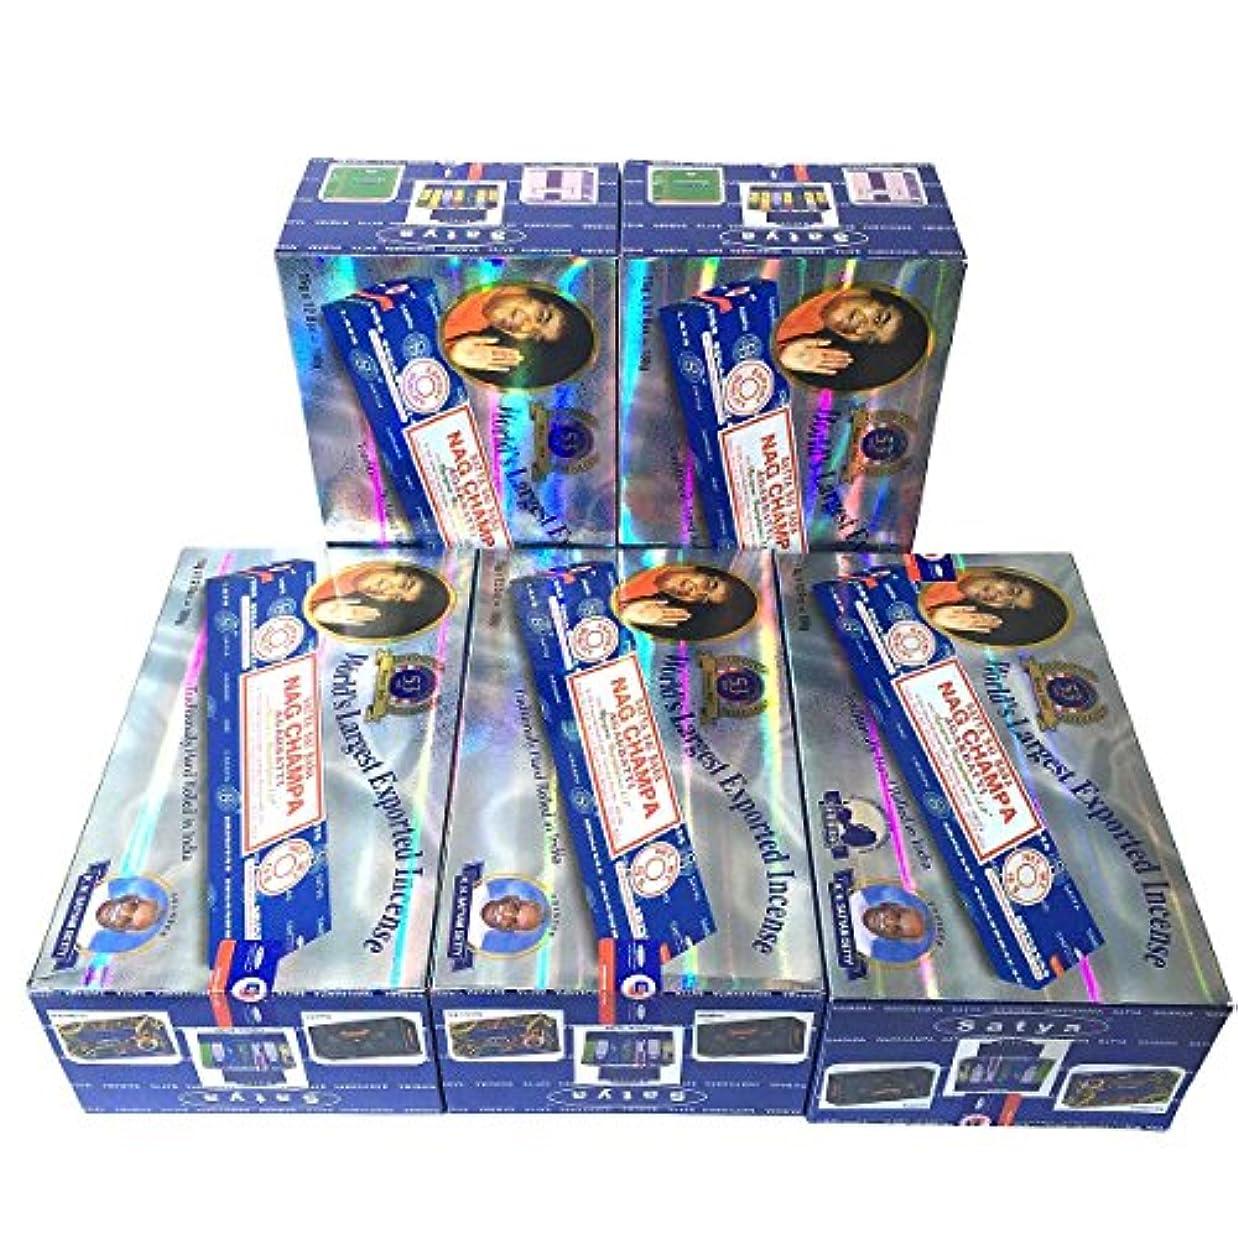 損傷塊クラシカルサイババ ナグチャンパ香スティック 5BOX(30箱)/SATYA SAI BABA NAG CHAMPA/インド香 / 送料無料 [並行輸入品]